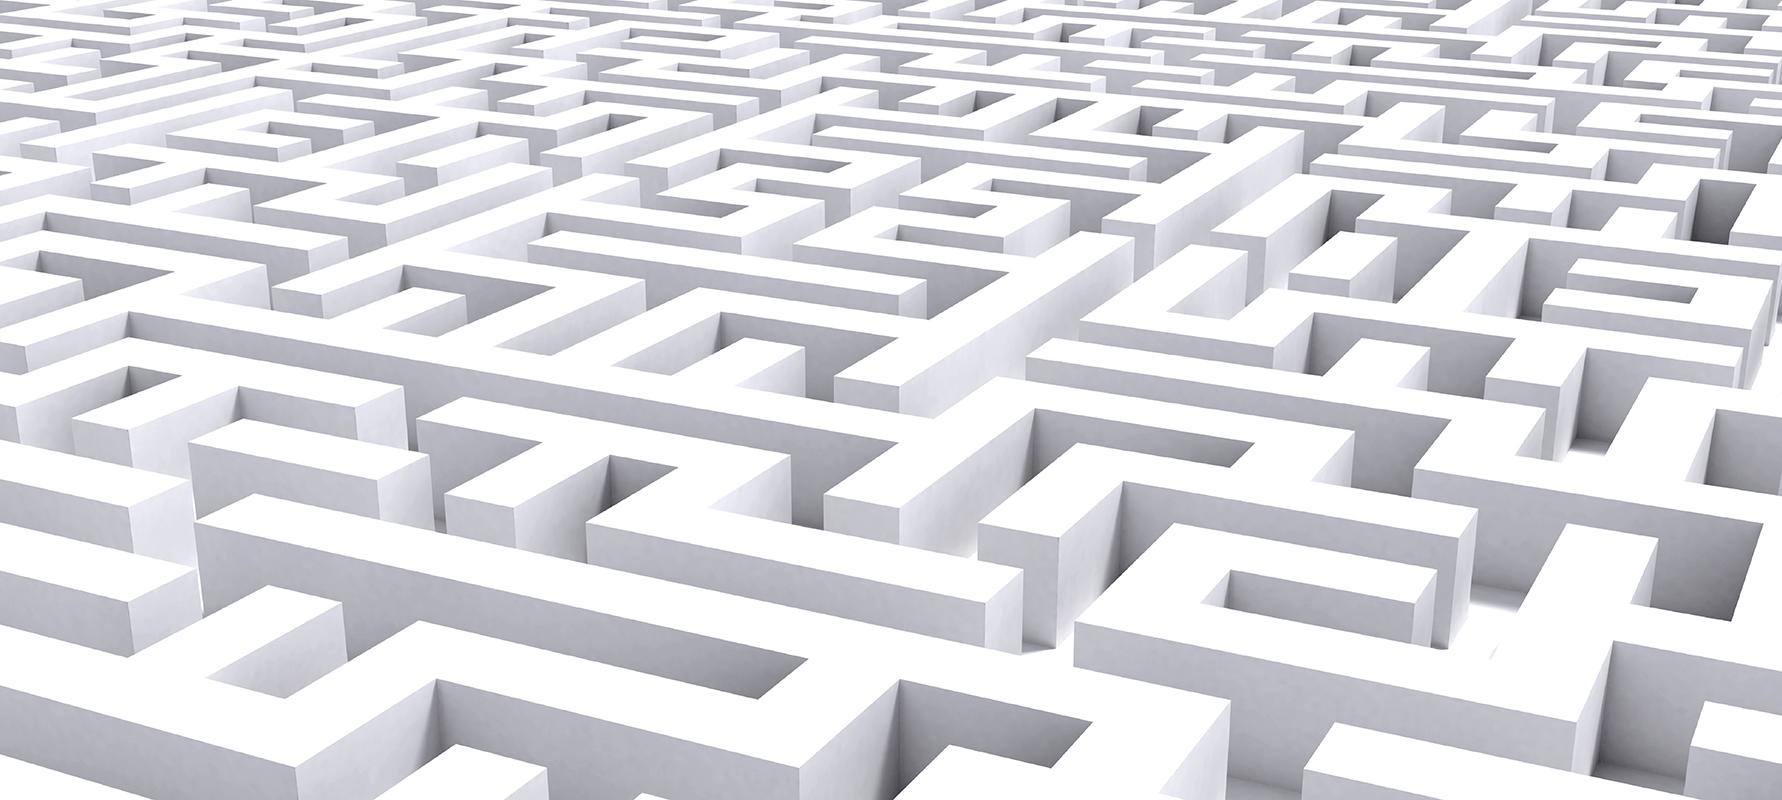 weißes Labyrinth von oben